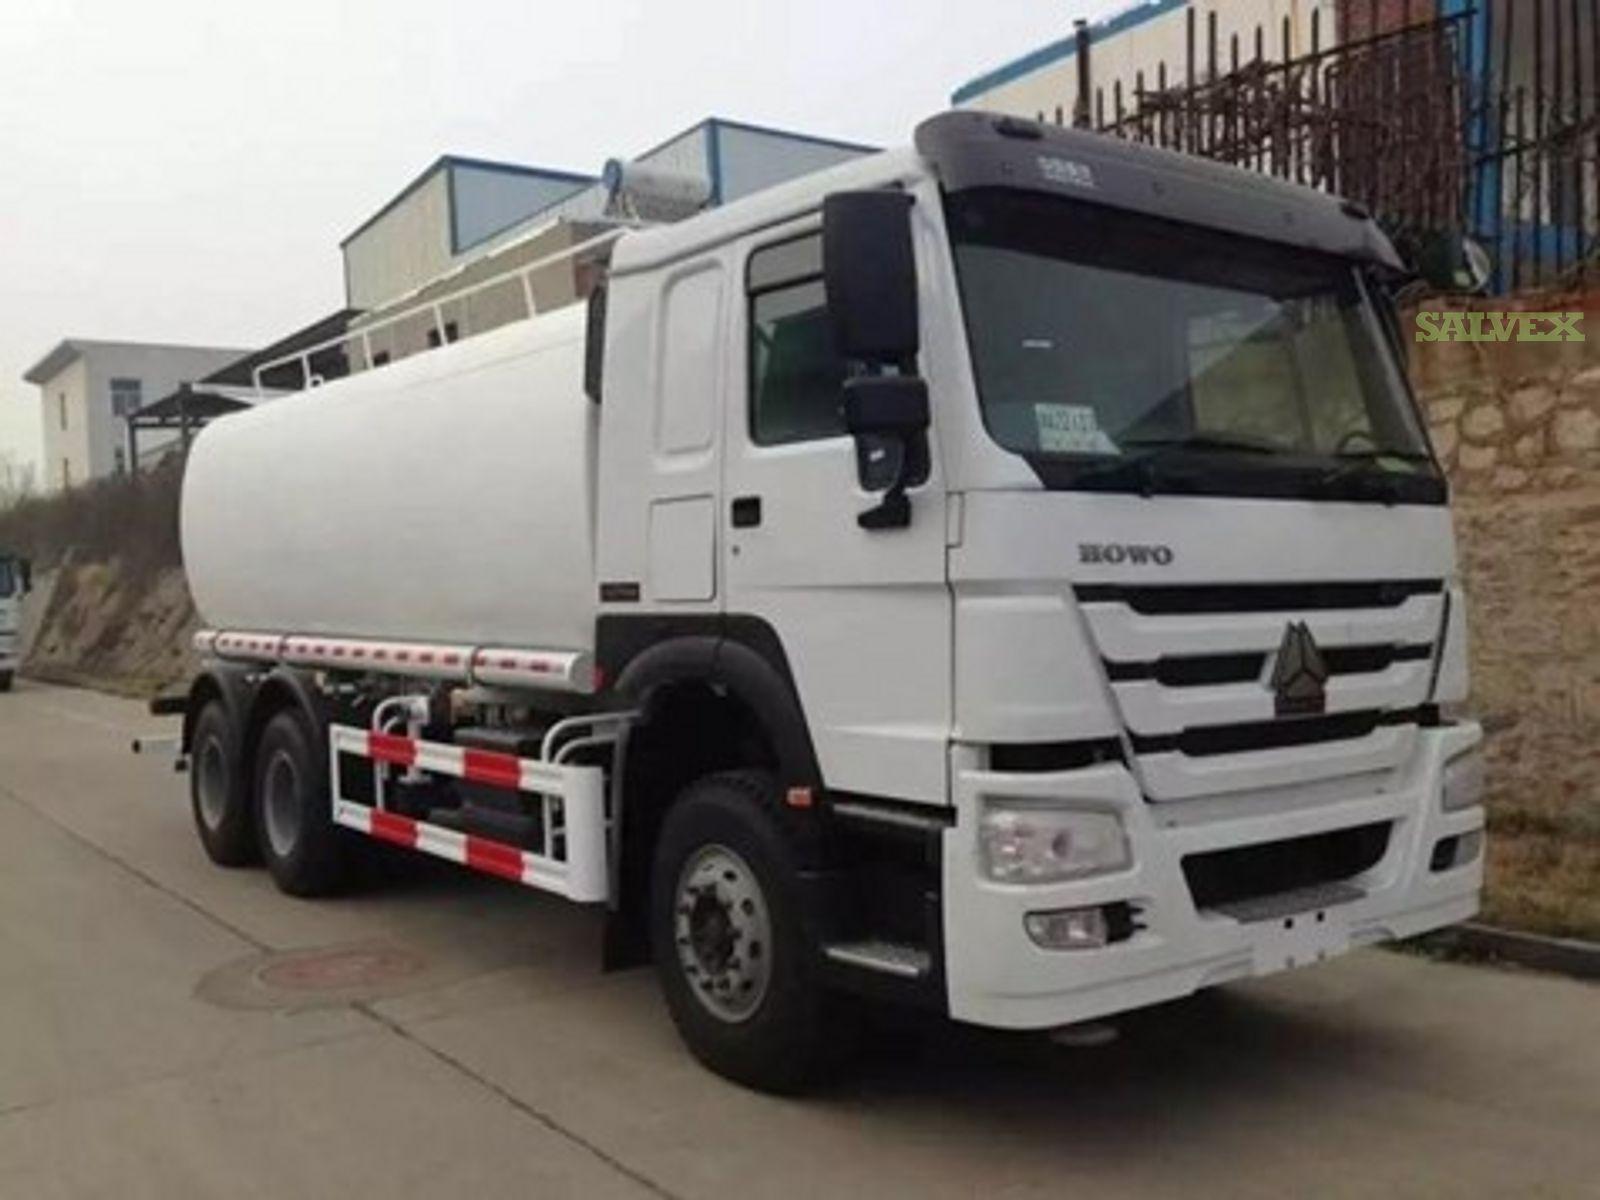 SINOTRUK HOWO 25m³ Water Truck (1 Unit)